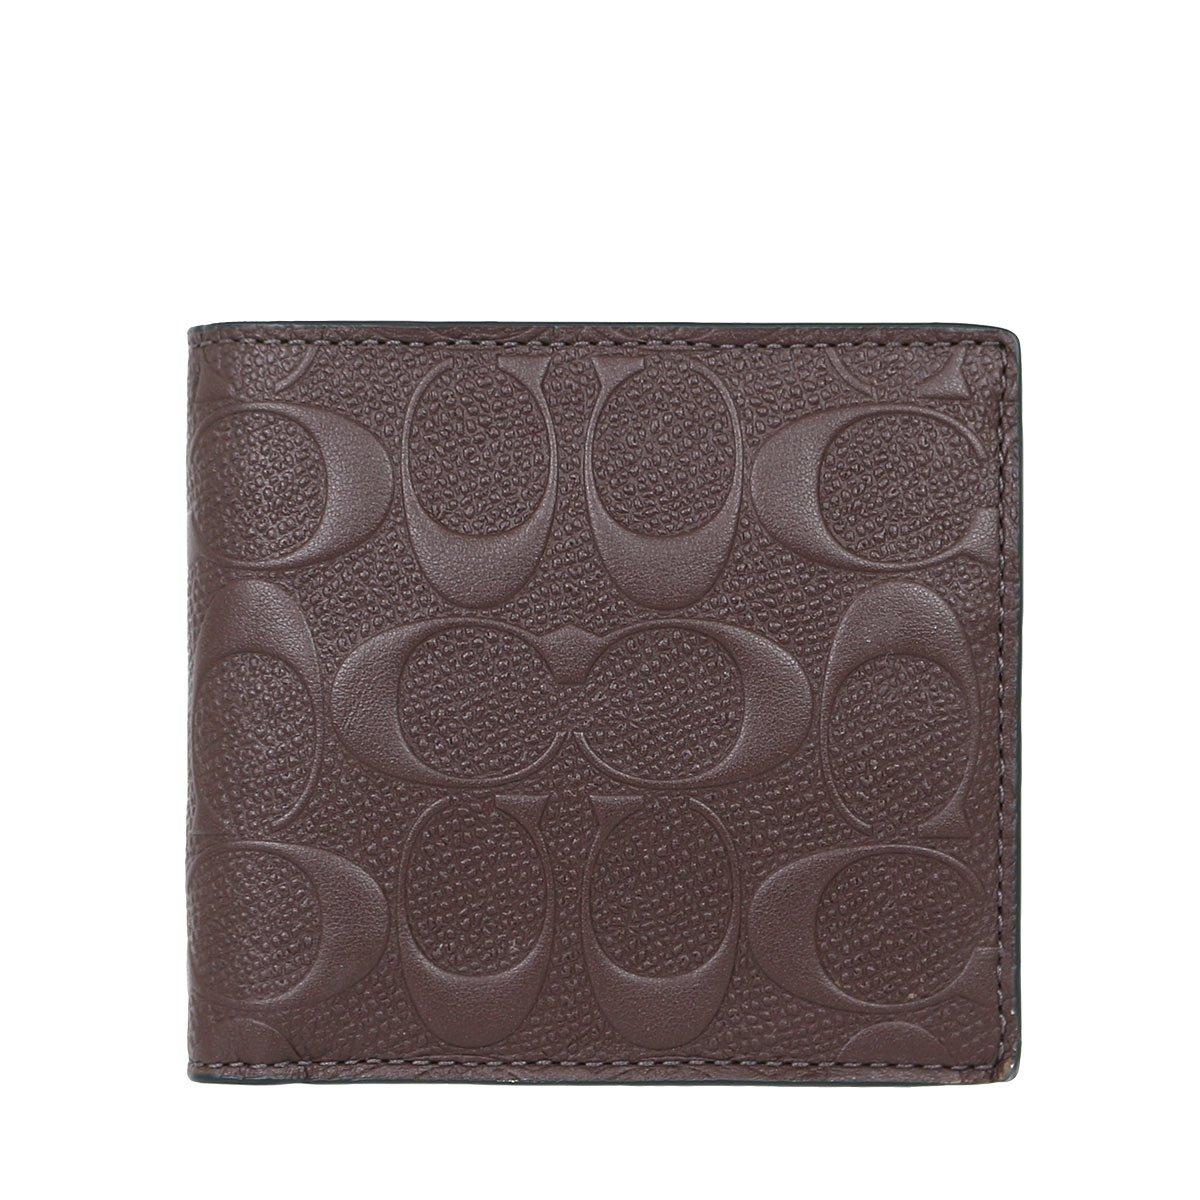 [コーチ] COACH 財布 (二つ折り財布) F75363 シグネチャー メンズ レディース [アウトレット品] [並行輸入品] B0735FSFWM マホガニー マホガニー